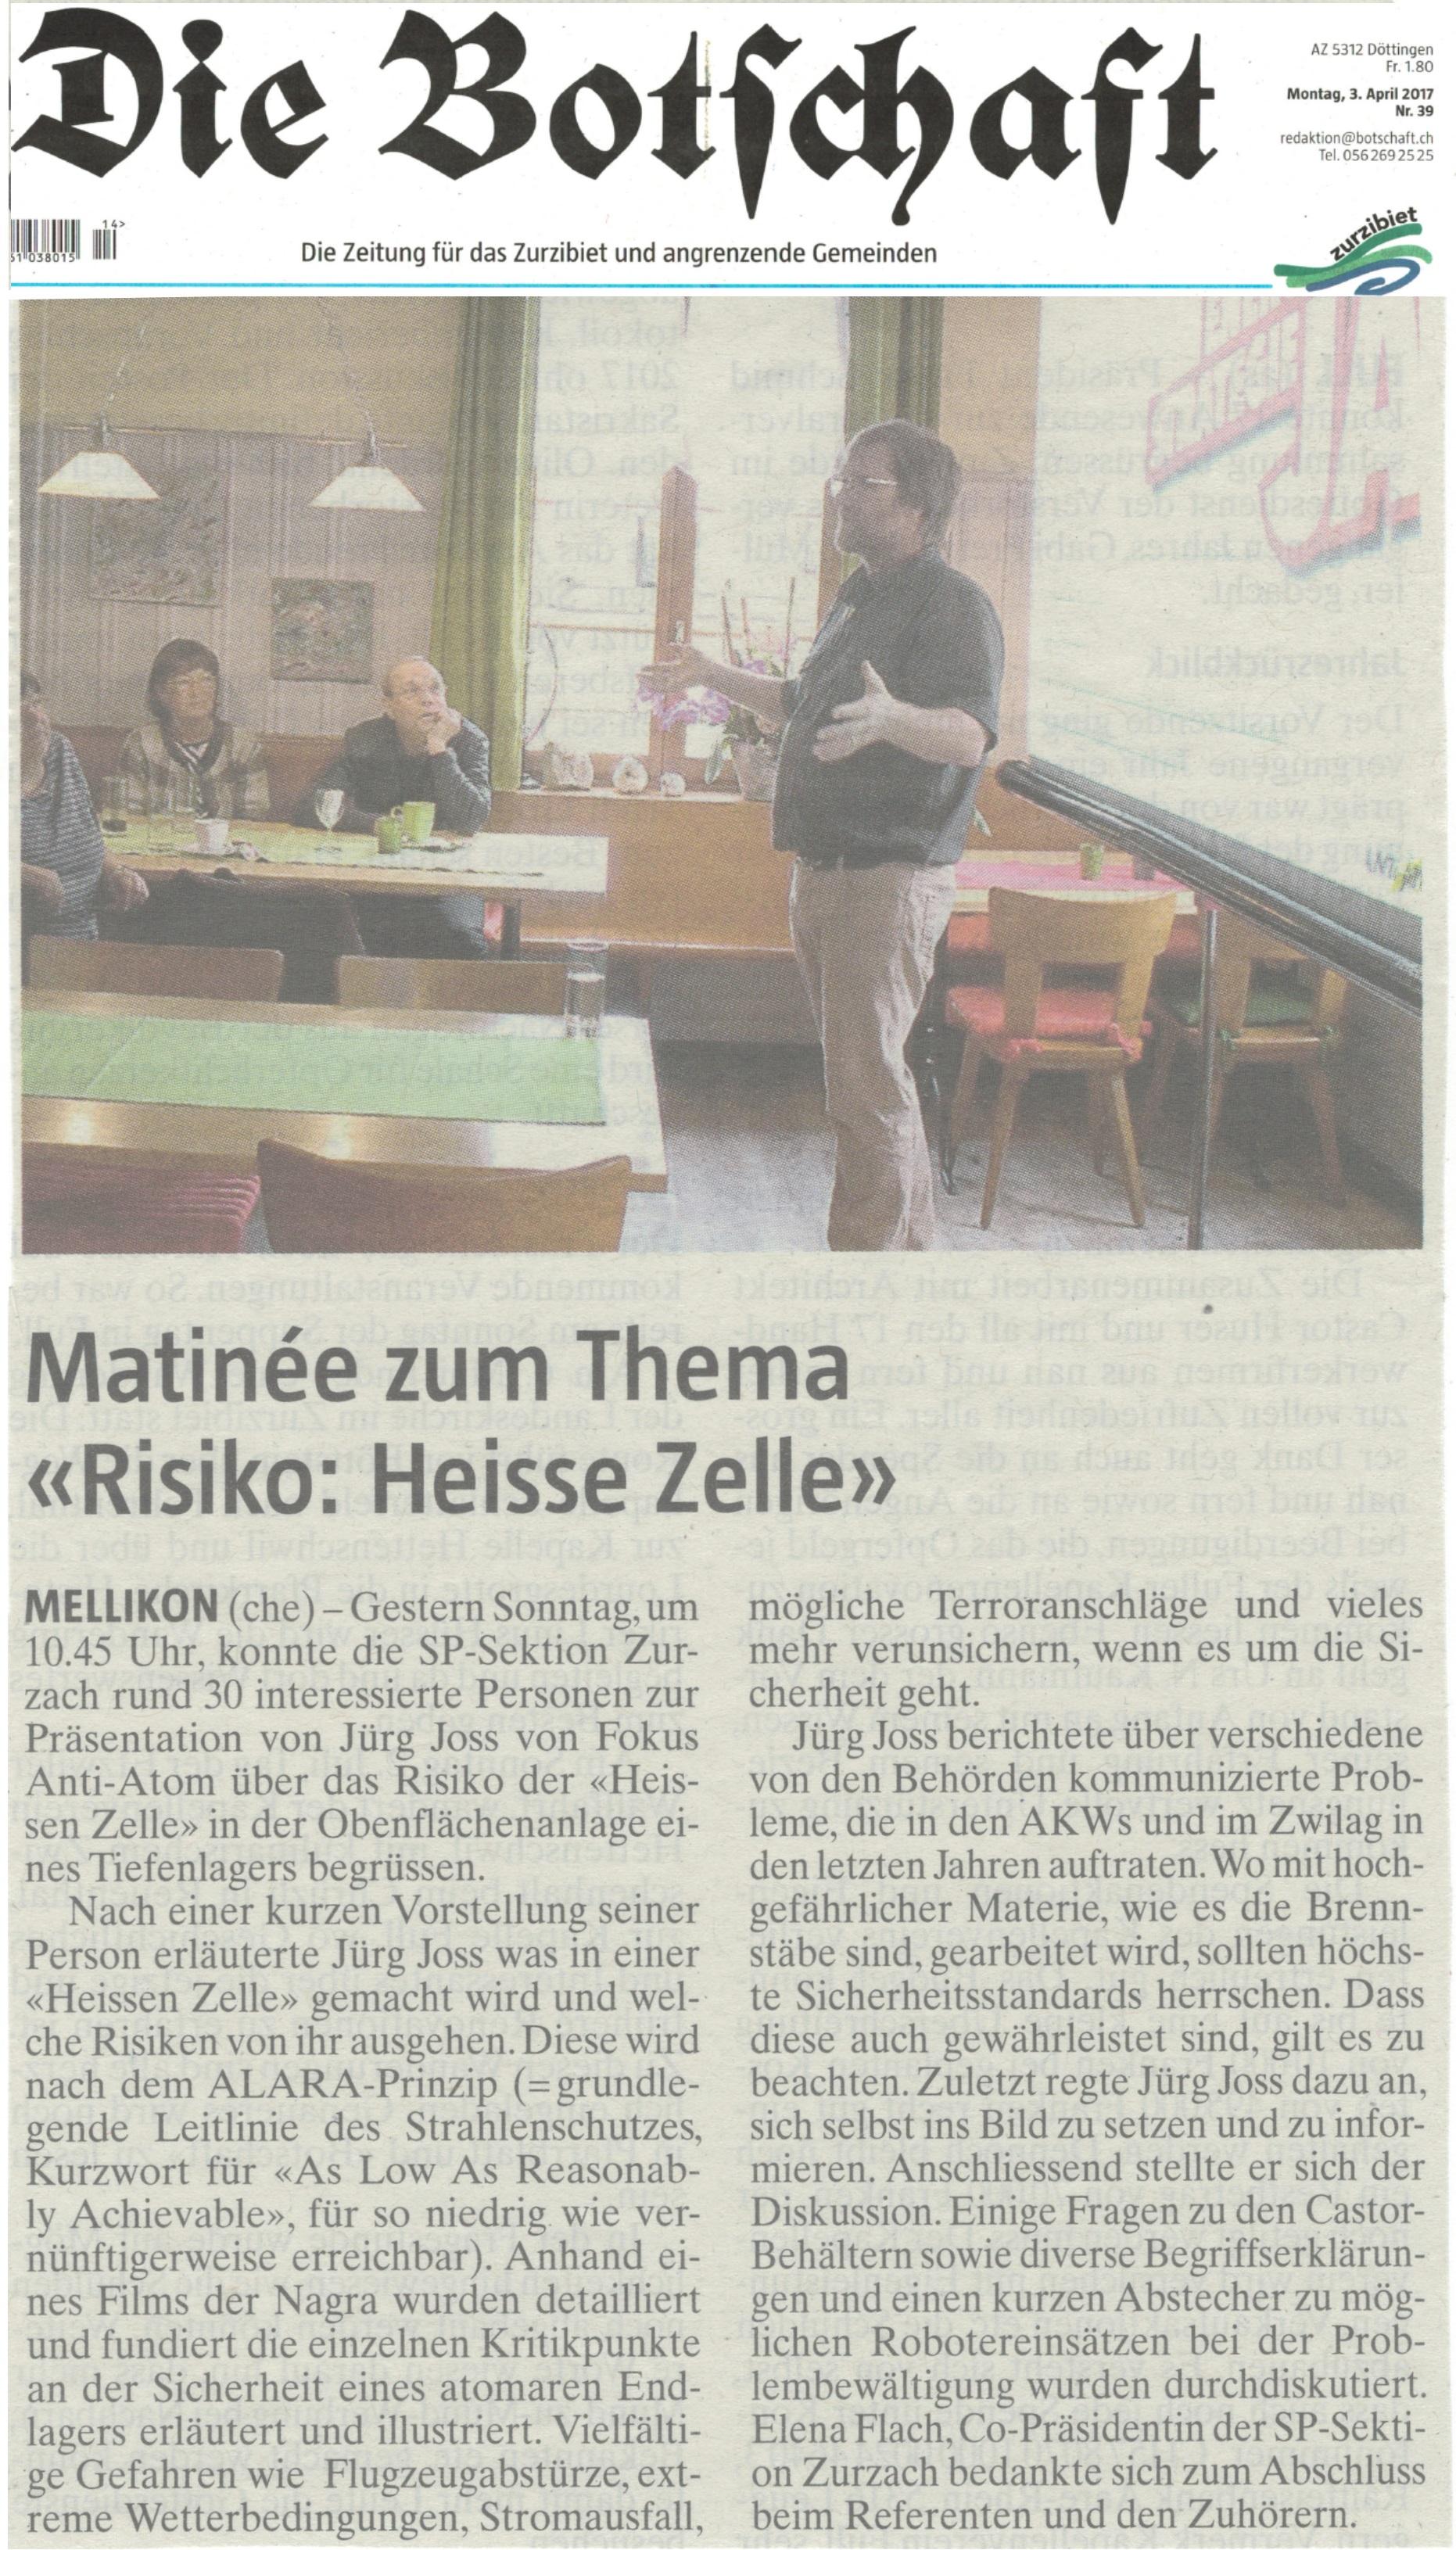 2017 04 02 MellikonEndlager Mellikon 2017 04 02: Heisse Zelle